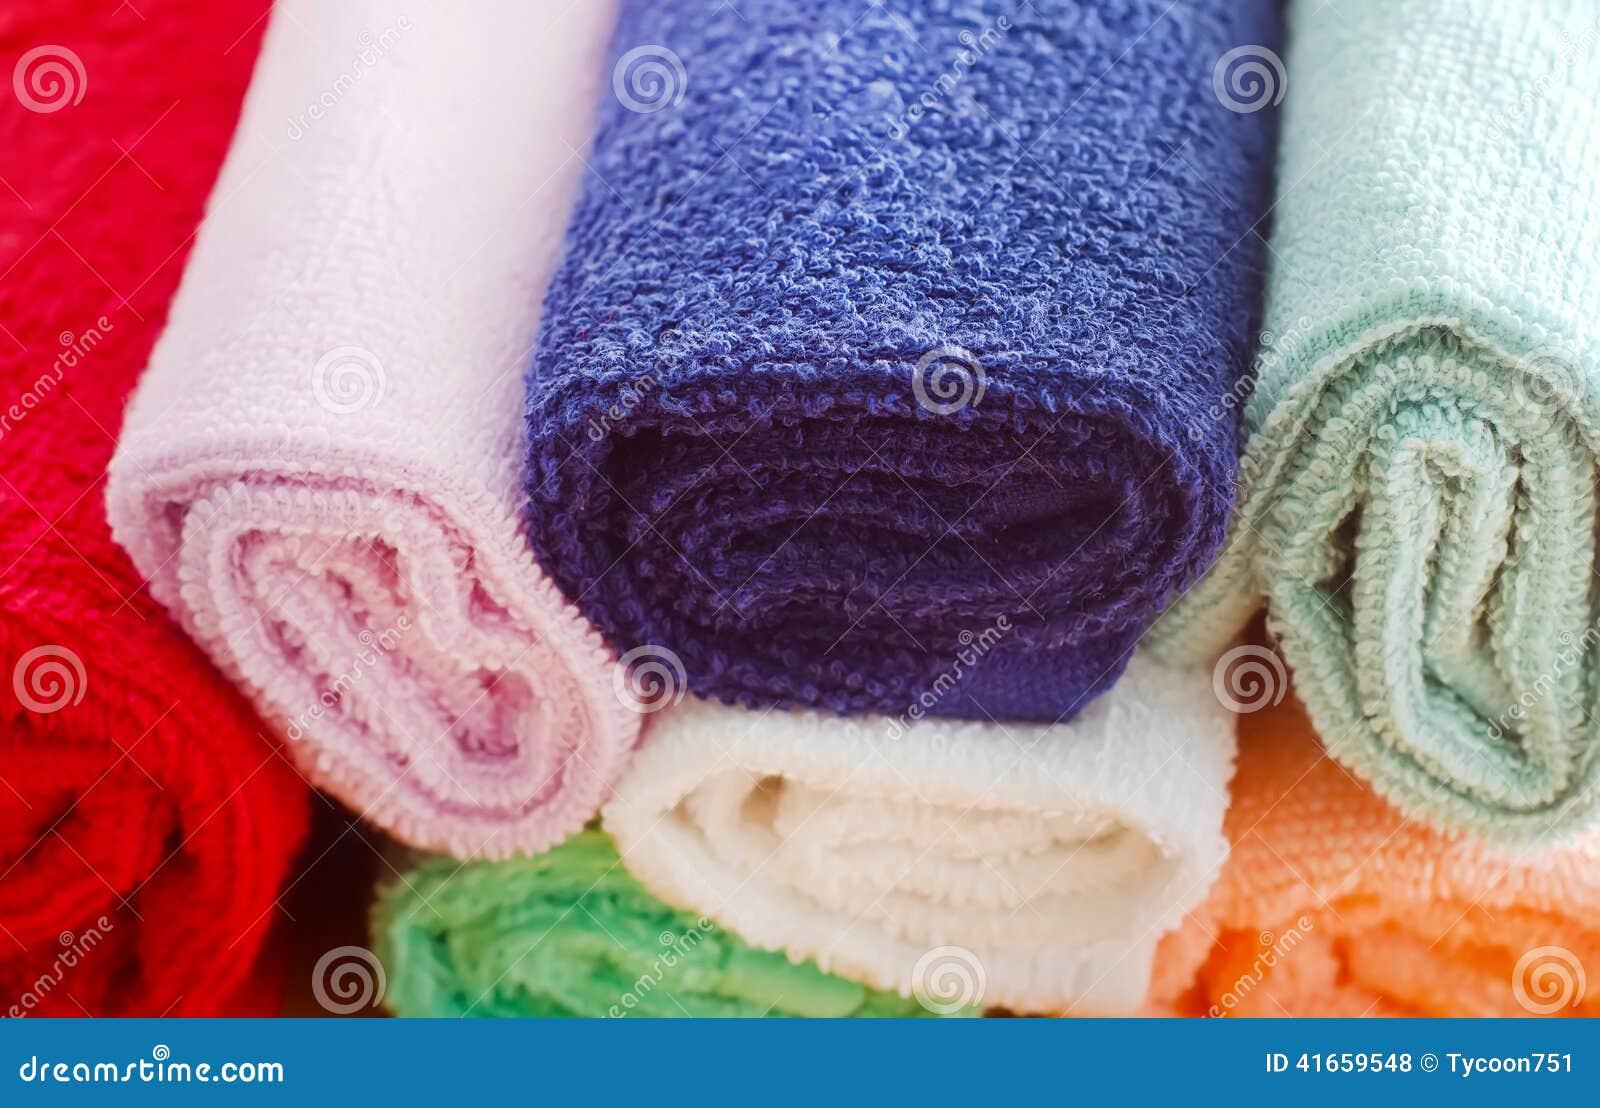 Полотенца цвета